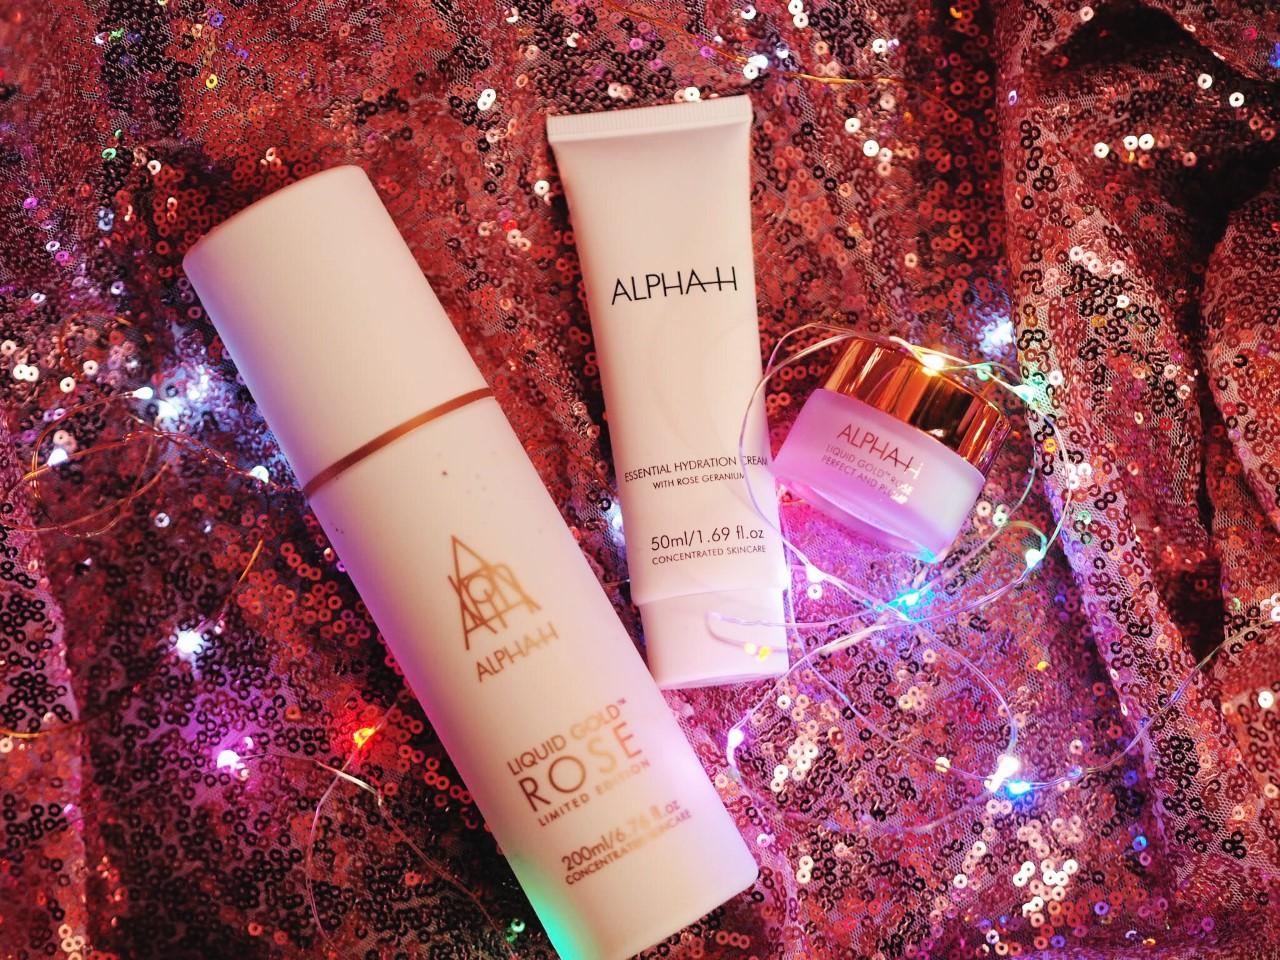 alpha h liquid gold rose gold skin care qvc